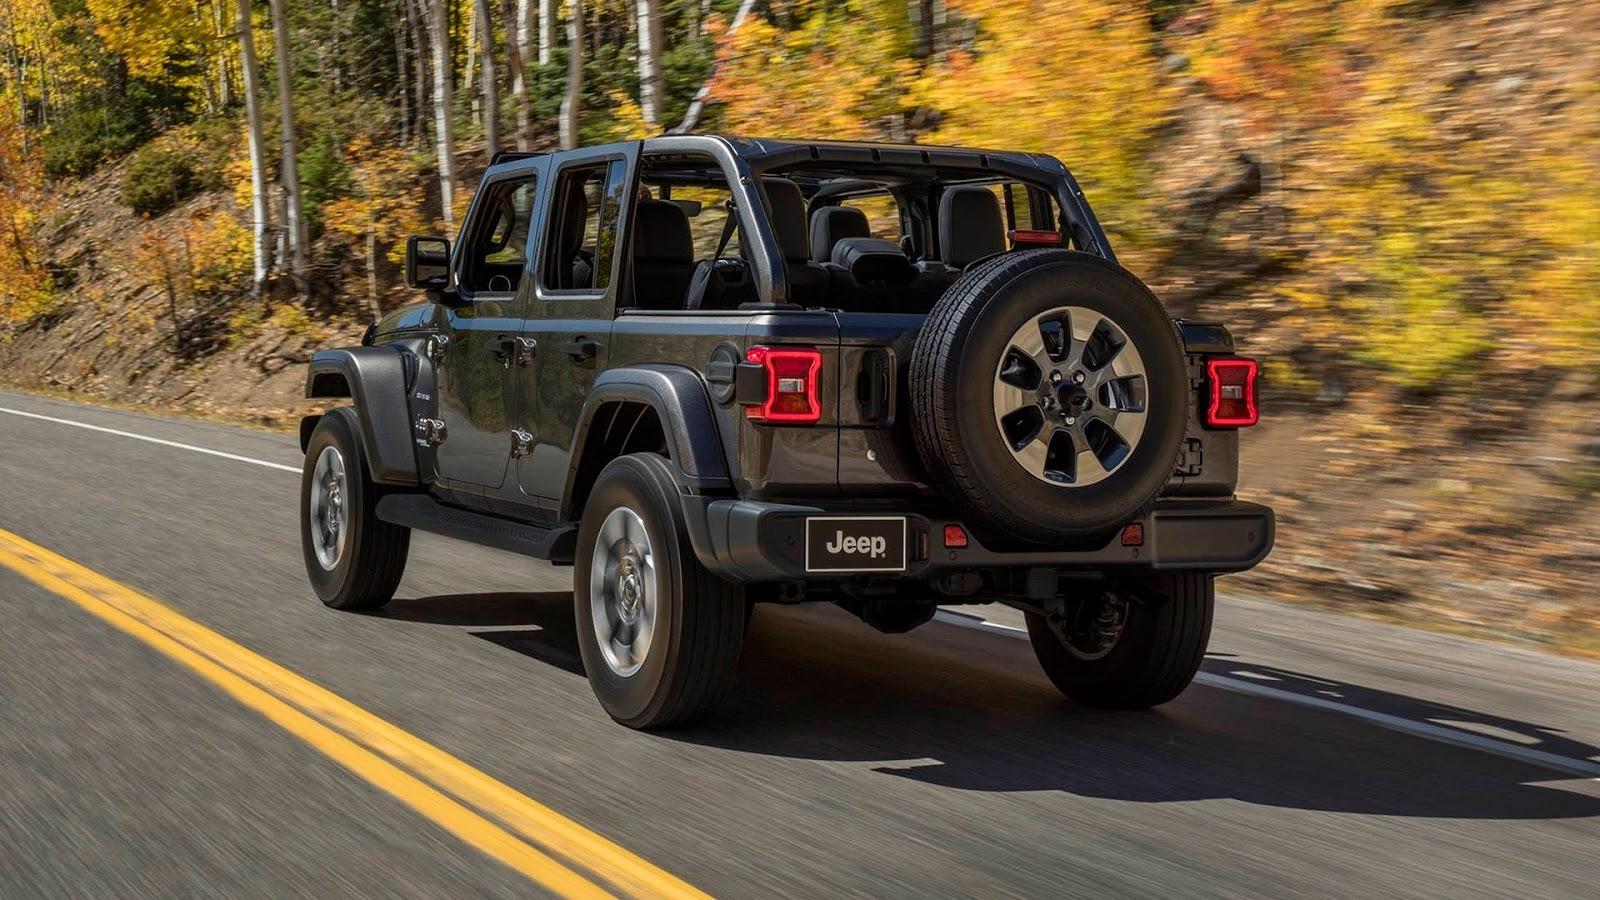 S0-le-nouveau-jeep-wrangler-passe-a-l-hybride-537397